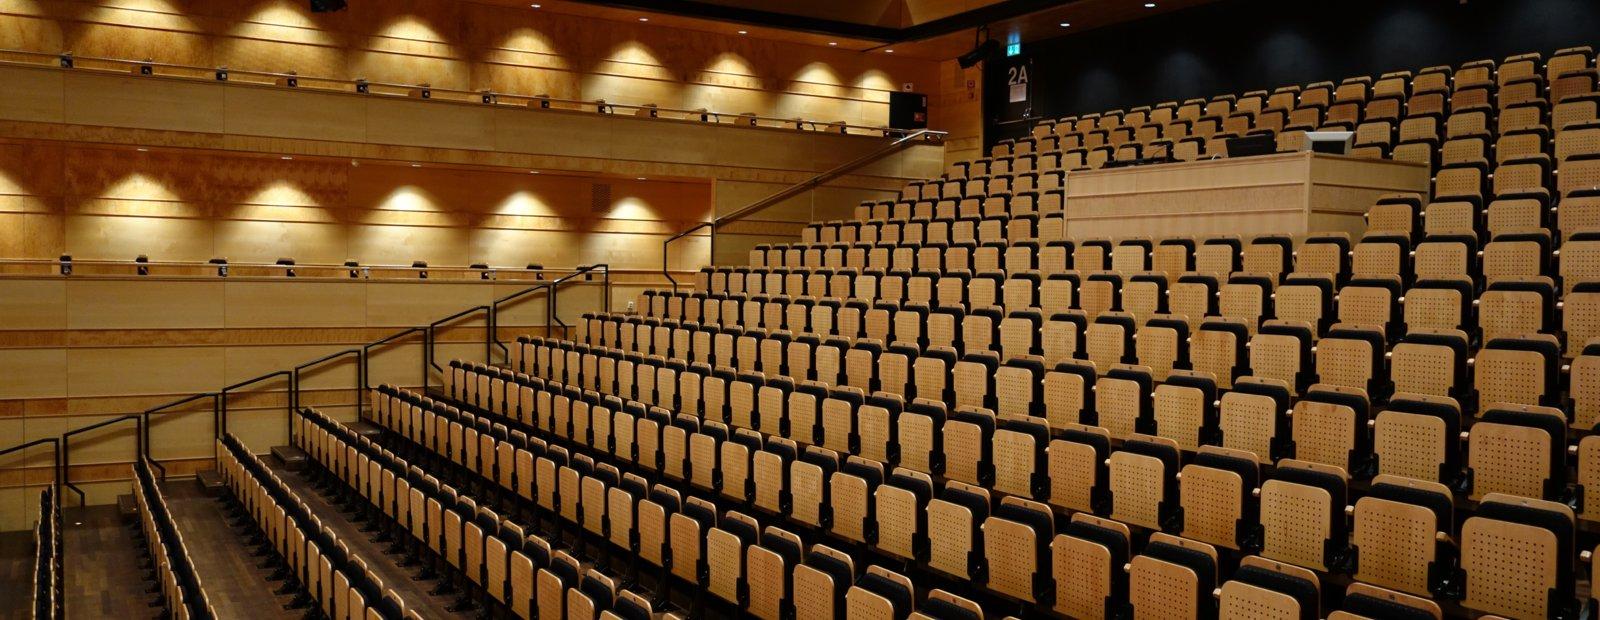 http://maihaugsalen.no/var/ezdemo_site/storage/images/maihaugsalen/om-maihaugsalen/4295-7-nor-NO/Om-Maihaugsalen_top_image.jpg